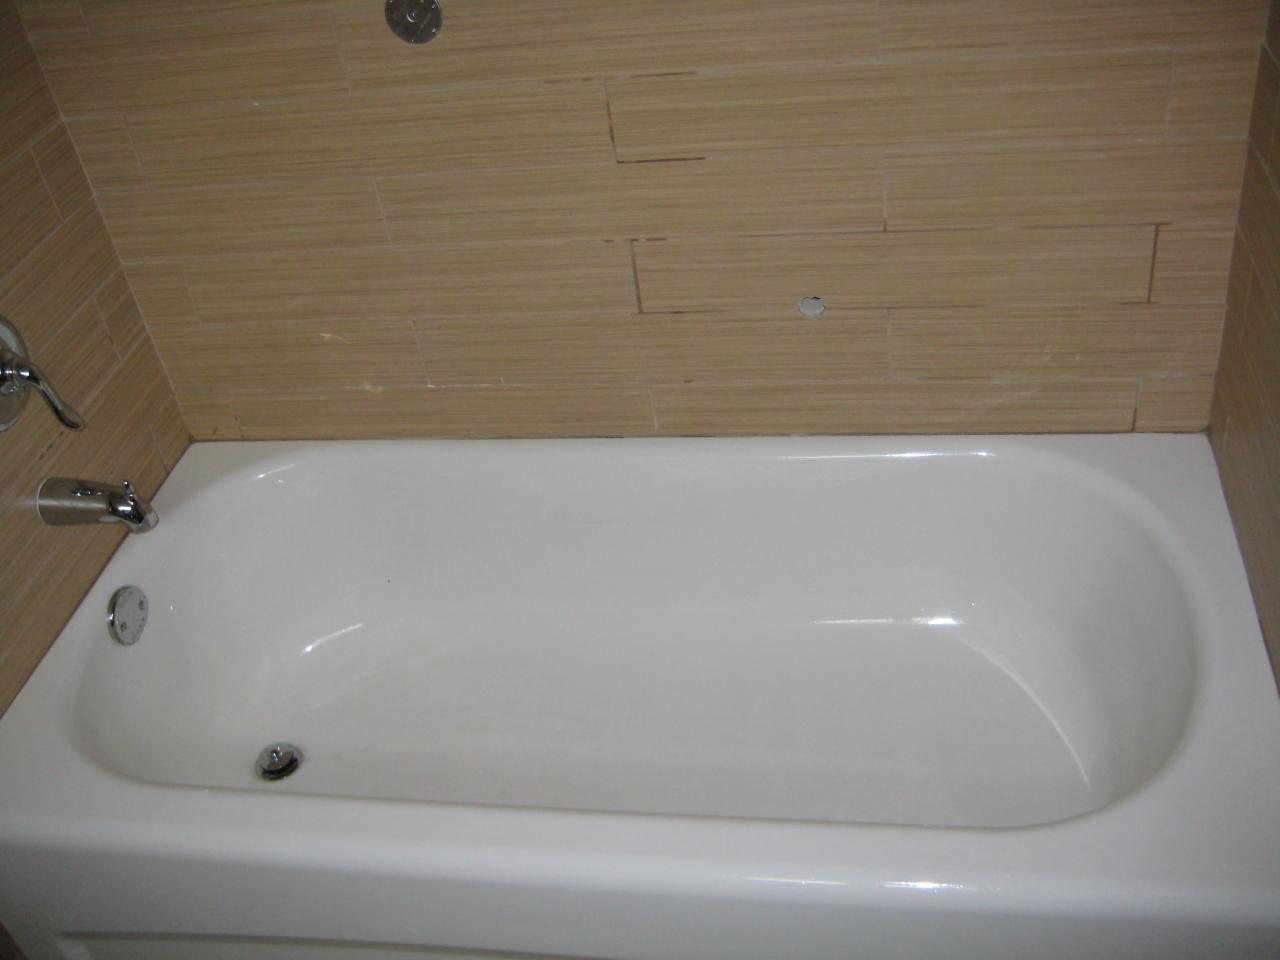 Bathtub Restoration in Brandon, FL - Tub Guys Professional Bathtub ...